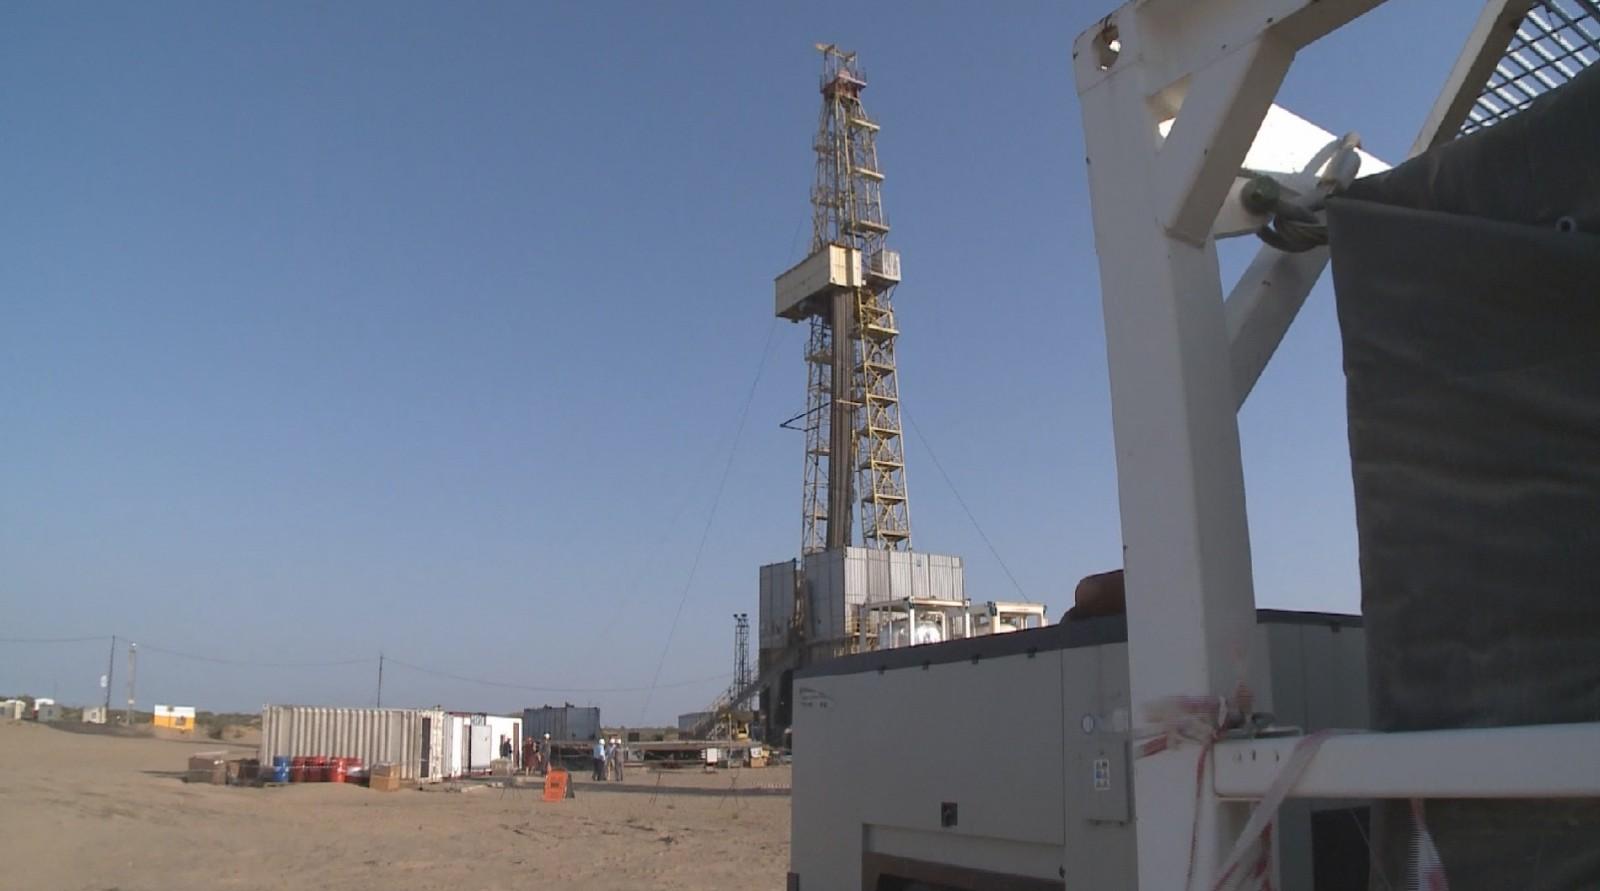 Калмыкия может стать крупным нефтегазовым регионом России